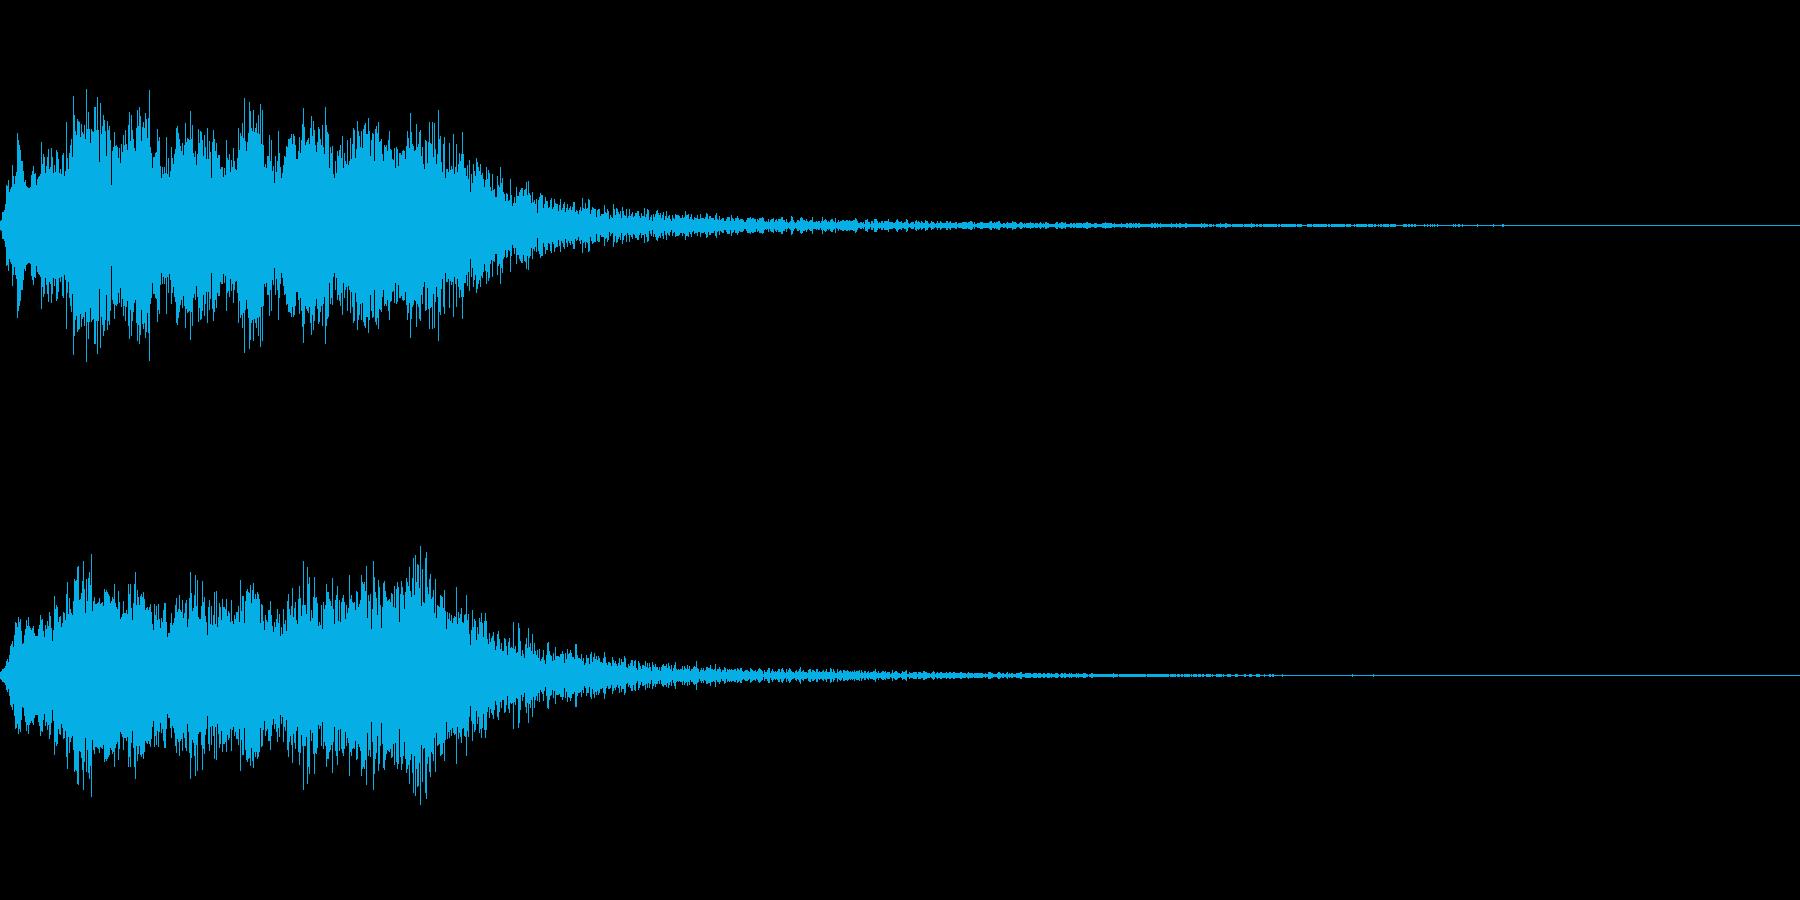 明るいストリング系ジングルBの再生済みの波形